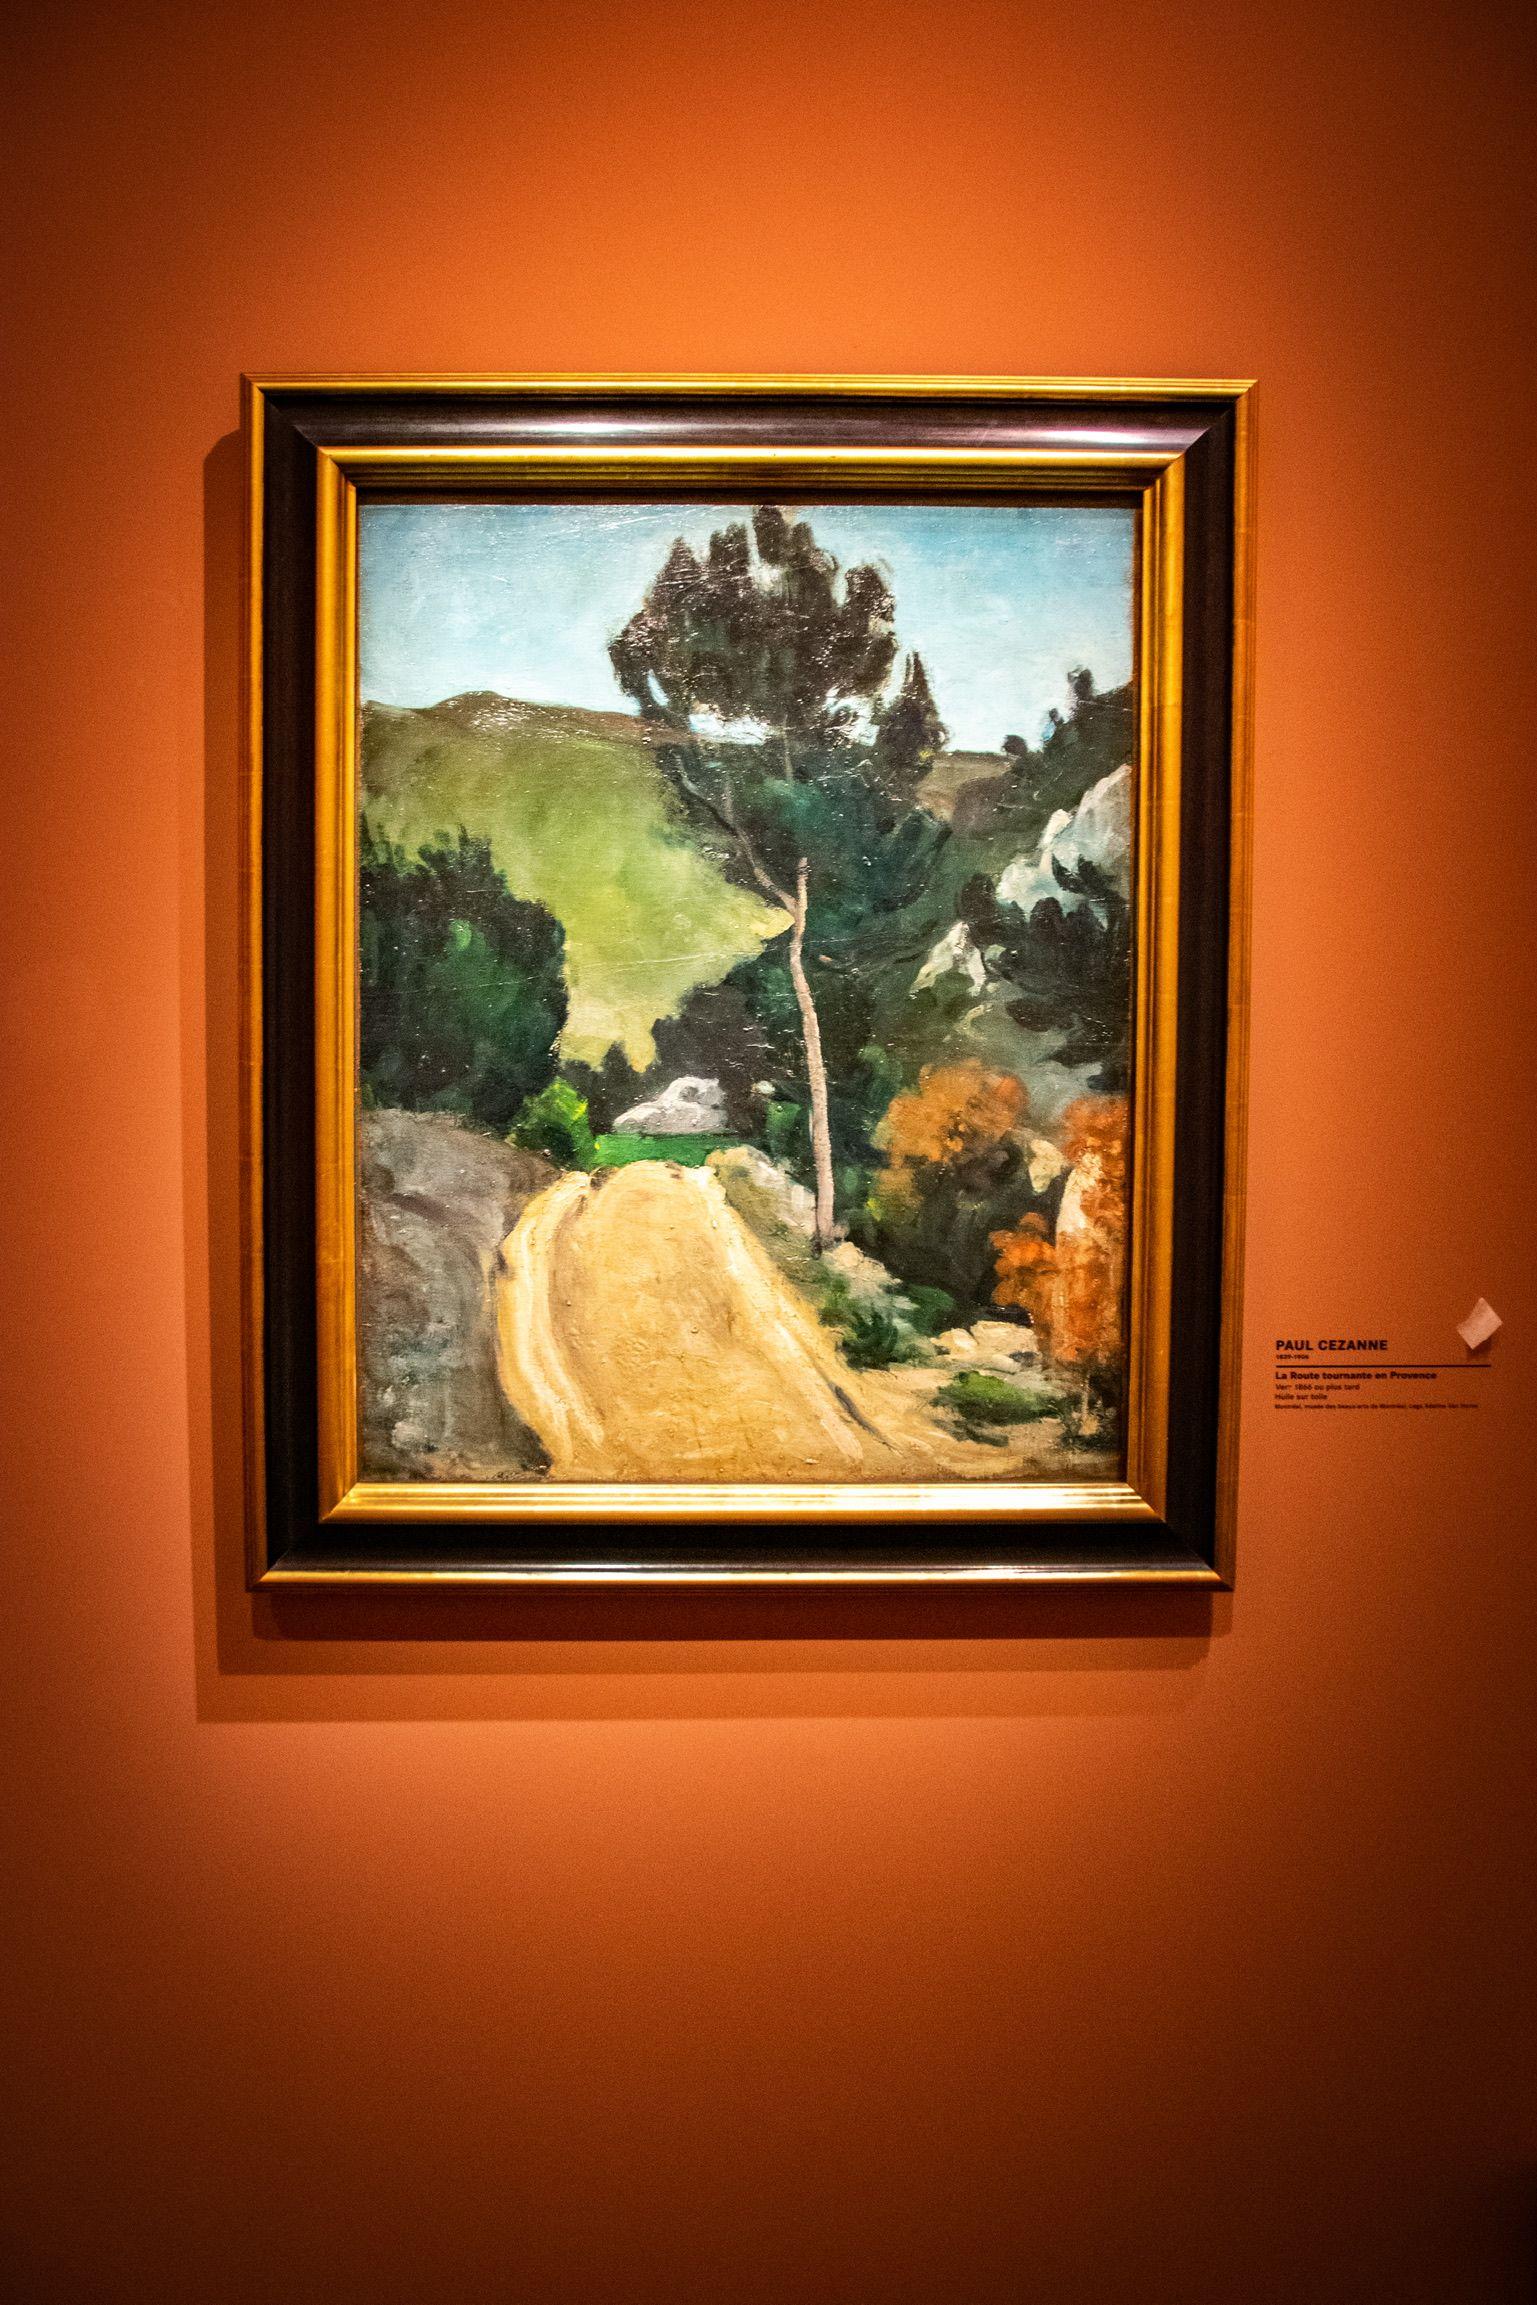 Cezanne Et Les Maitres : cezanne, maitres, Cézanne, Maîtres,, Rêve, D'Italie, Musée, Marmottan-Monet, Réouverture, Prolongation, Marmottan, Monet,